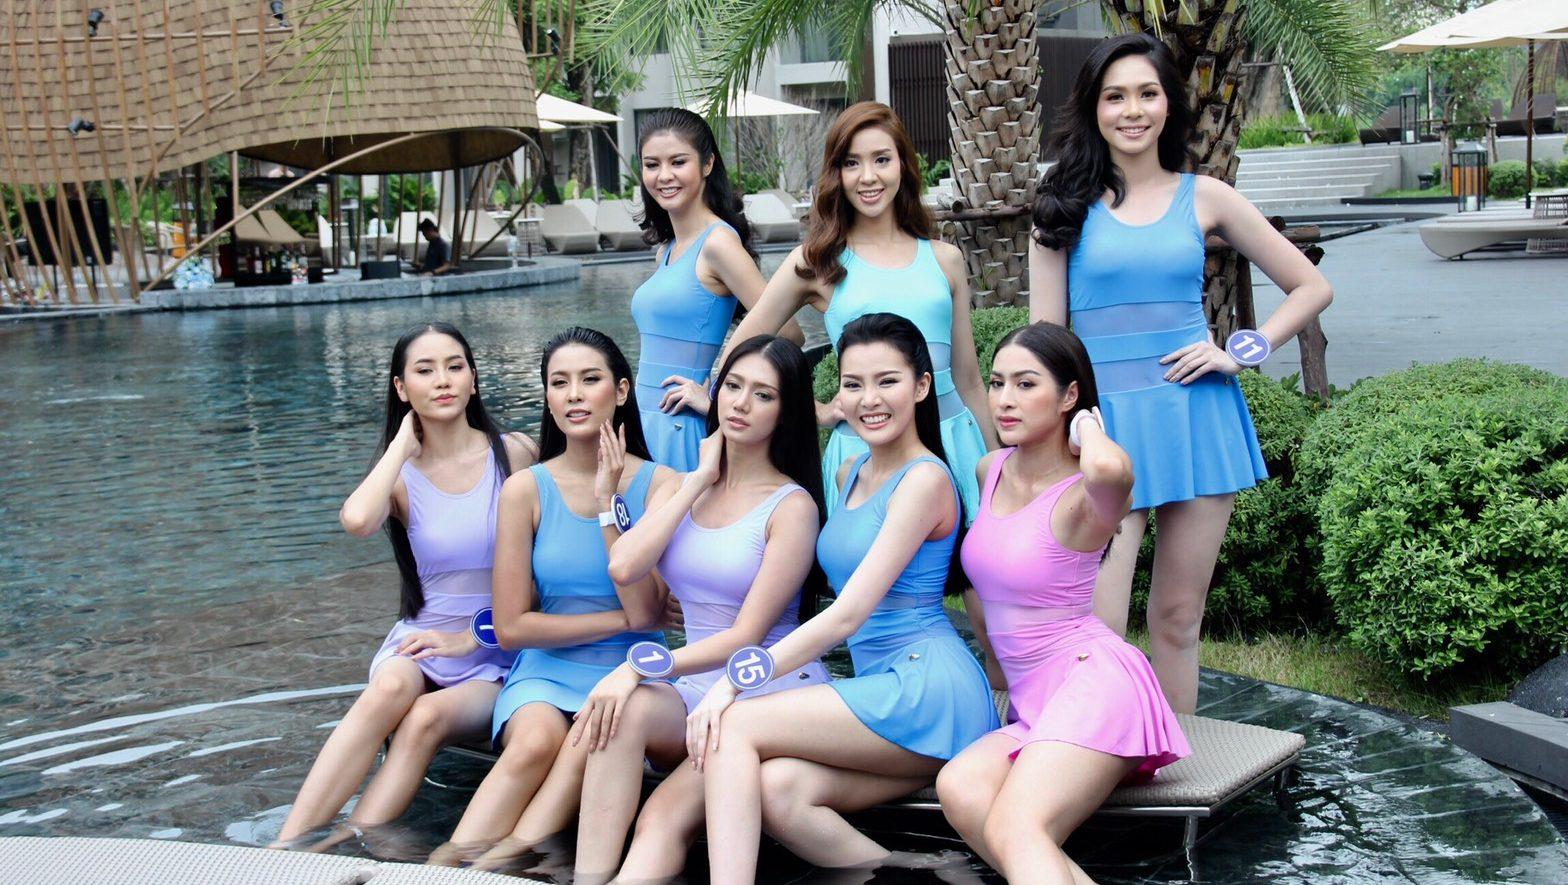 นางสาวไทย 2019